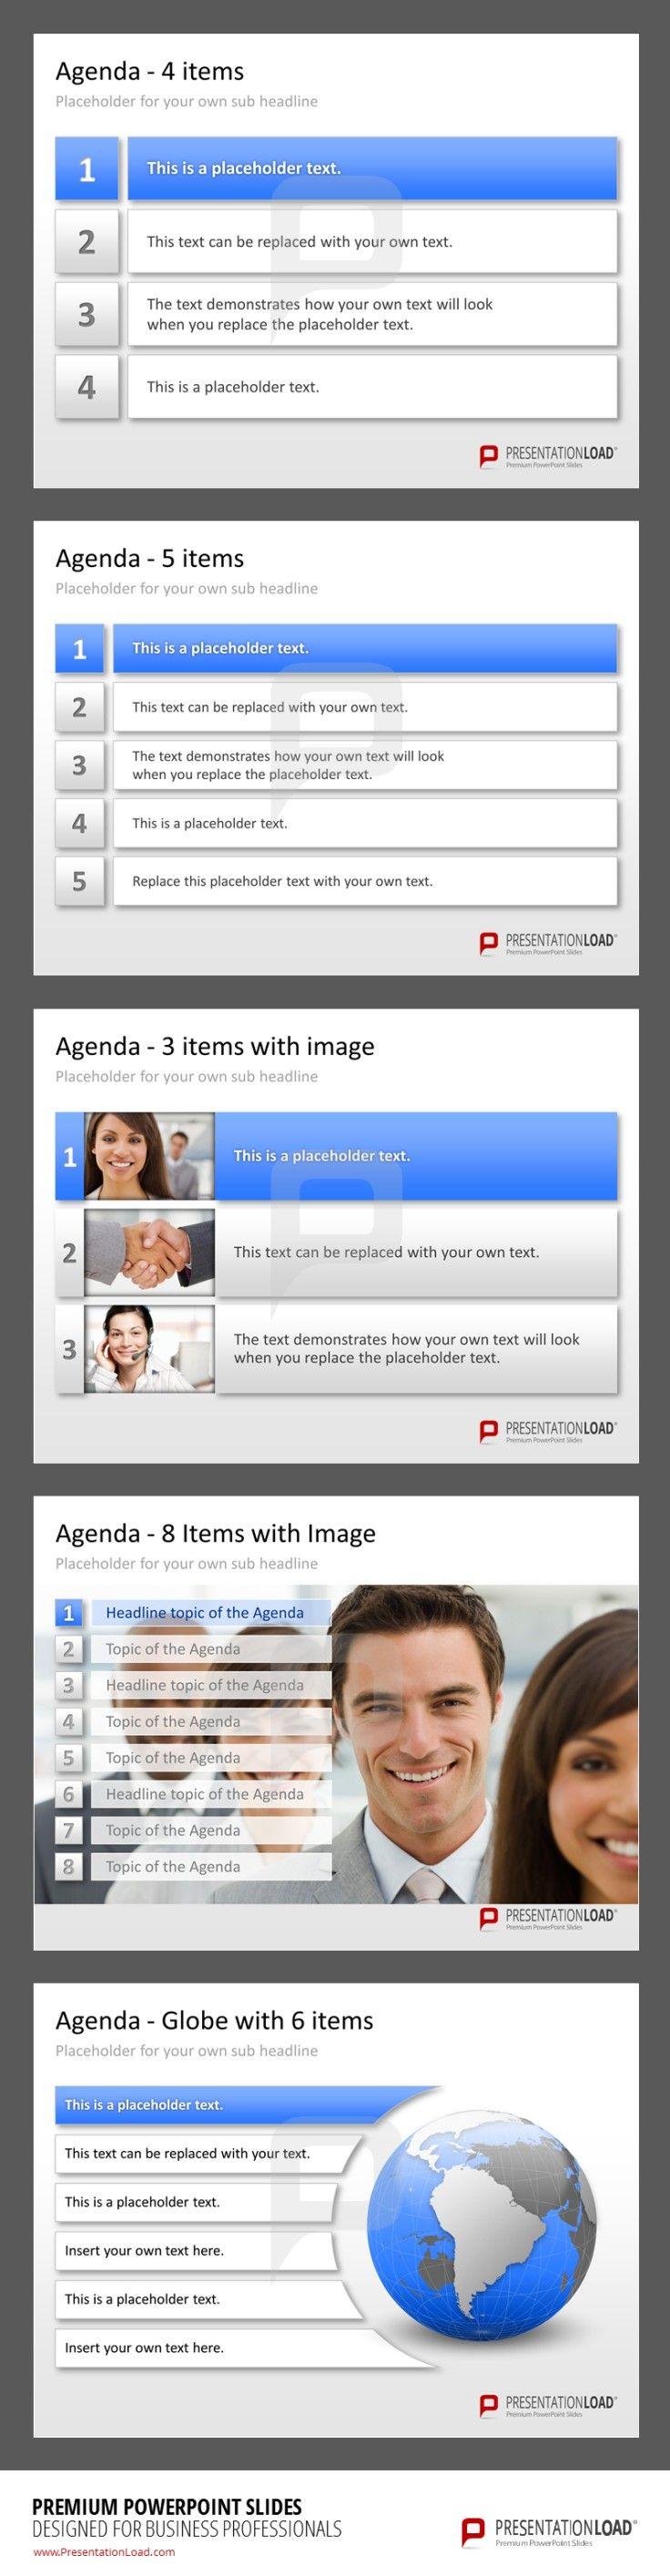 29 besten agenda powerpoint bilder auf pinterest tabelle